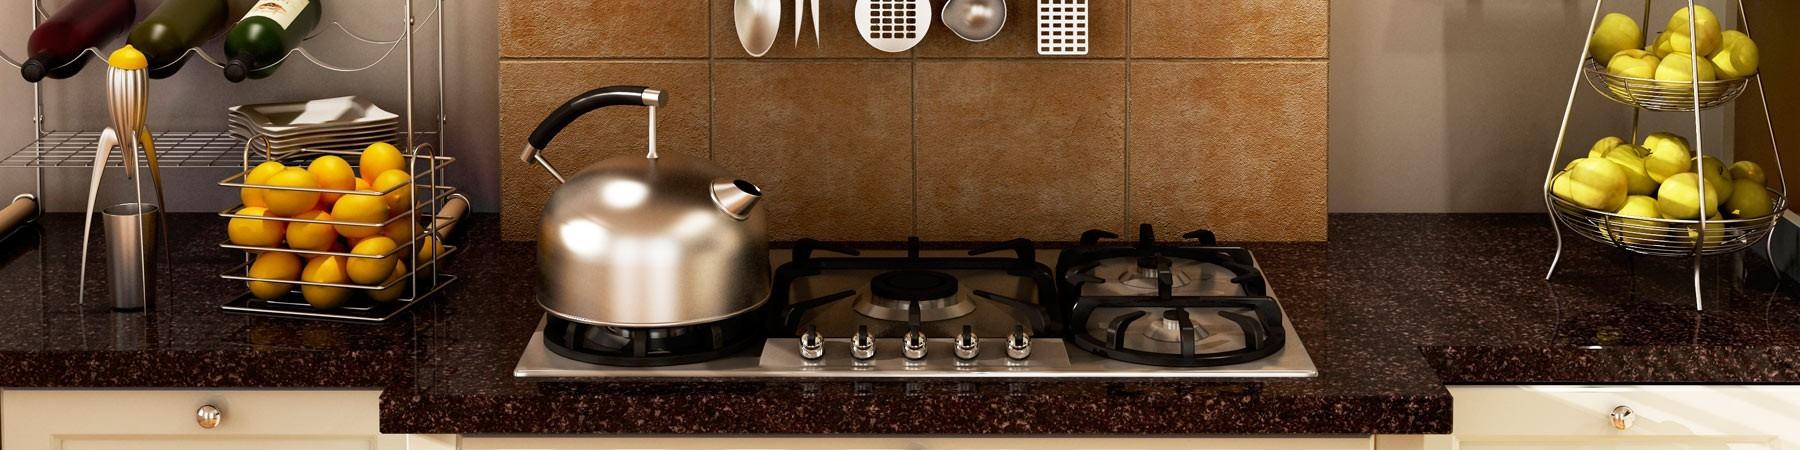 Máy nướng,làm bánh phòng bếp gia đình chính hãng,giá rẻ